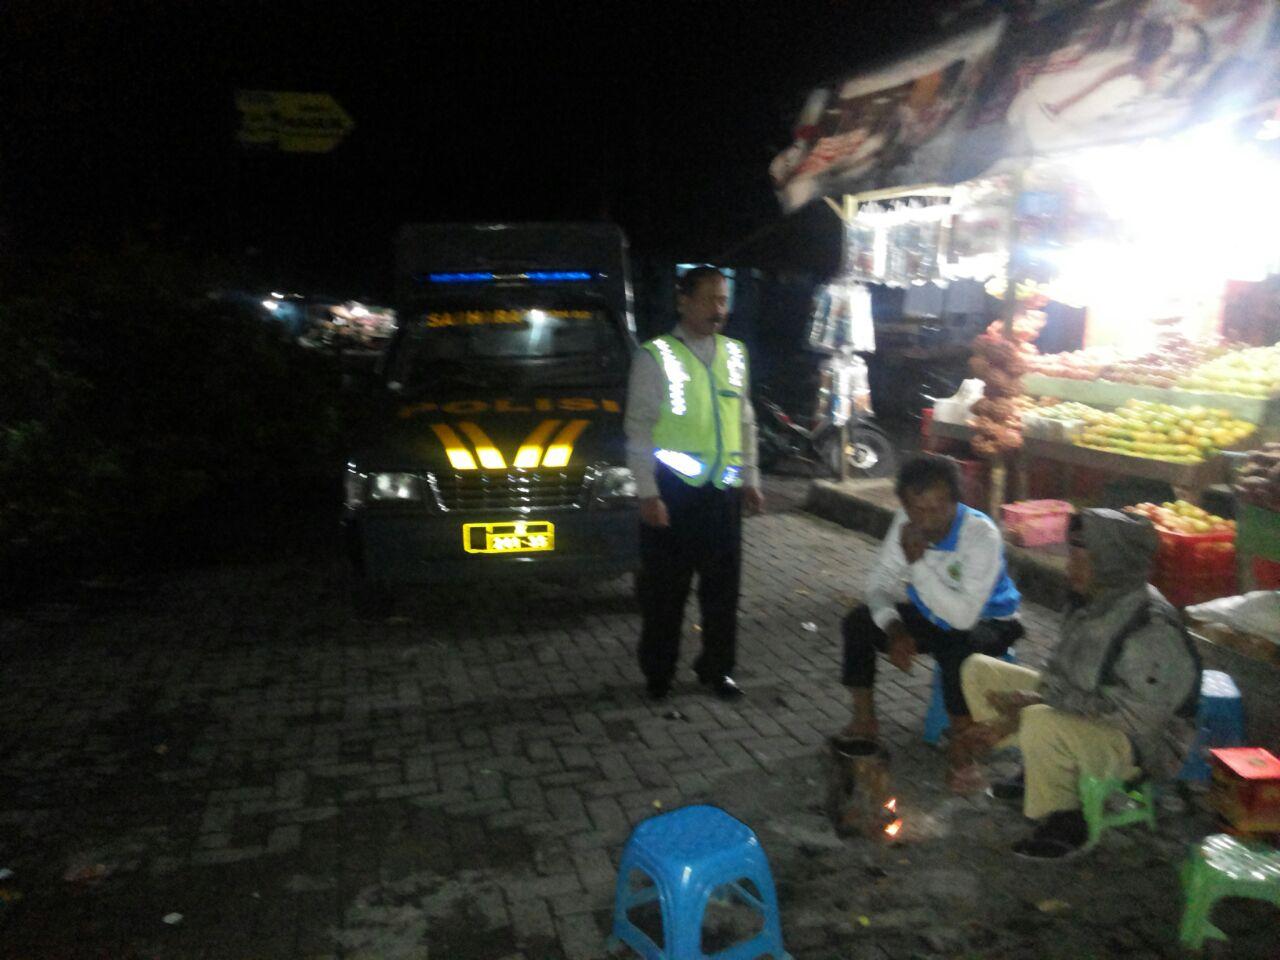 Polsek Pujon Polres Batu Dalam Menciptakan Keamanan Dengan Patroli